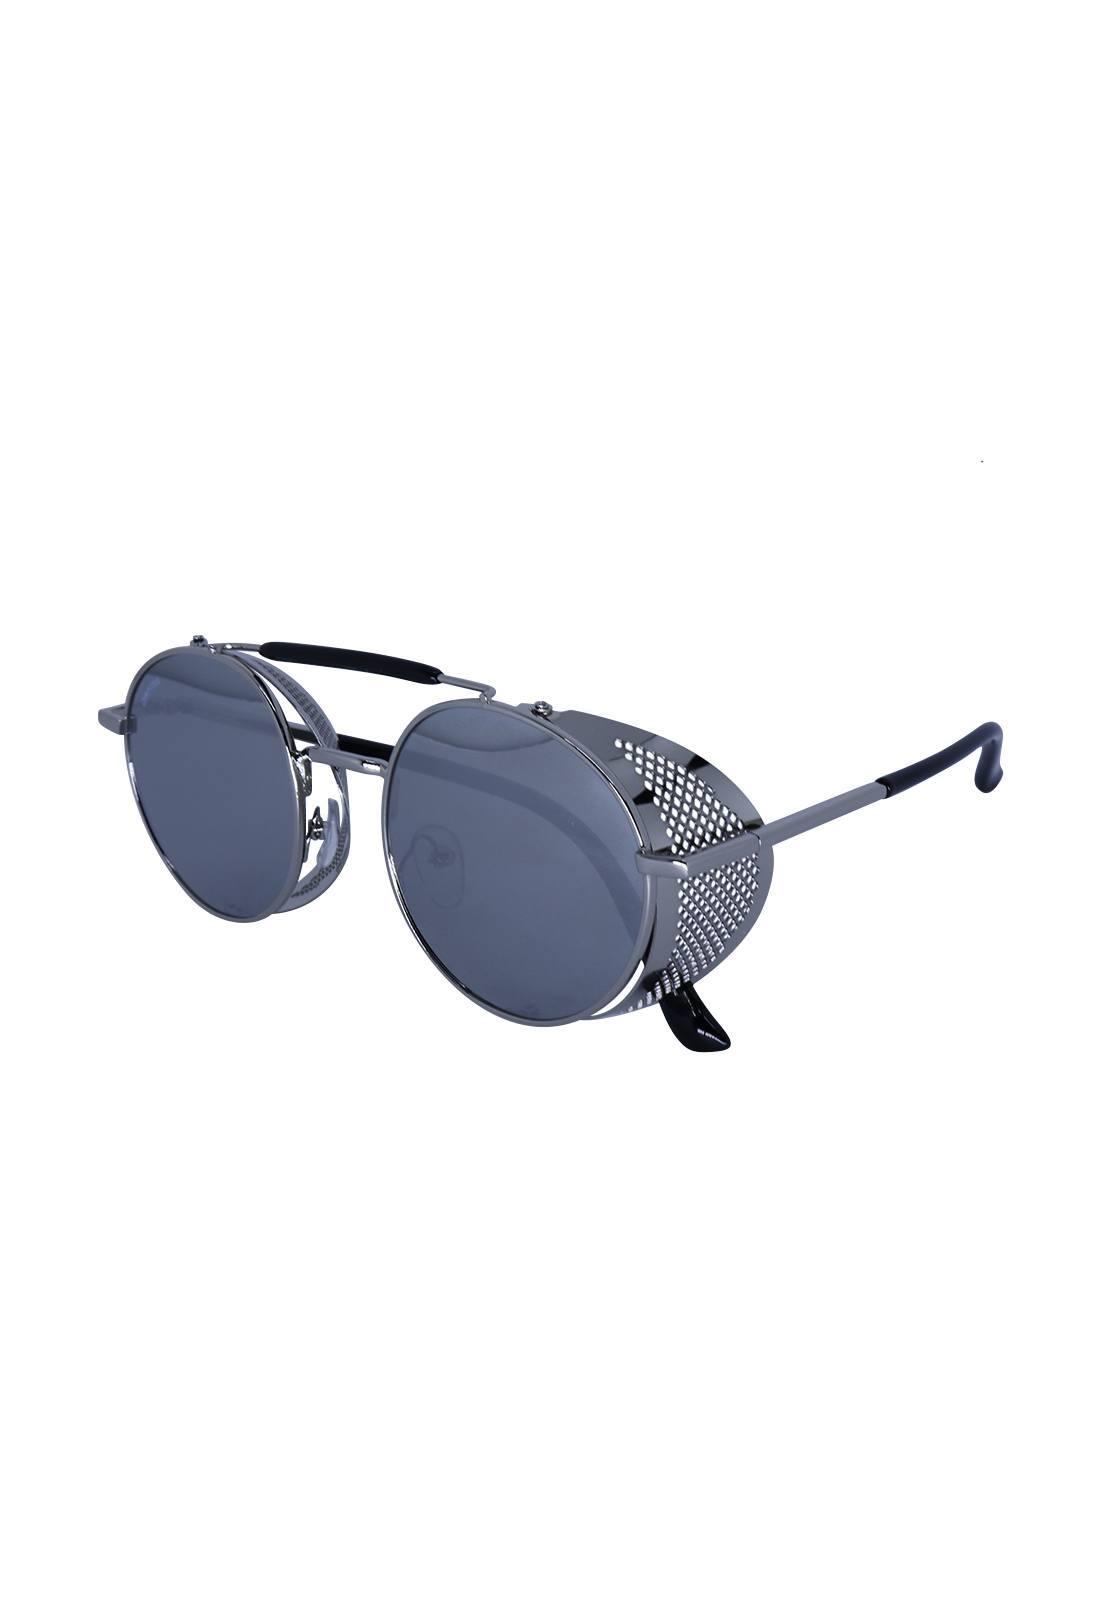 Óculos de Sol Grungetteria Easy Rider Cromado